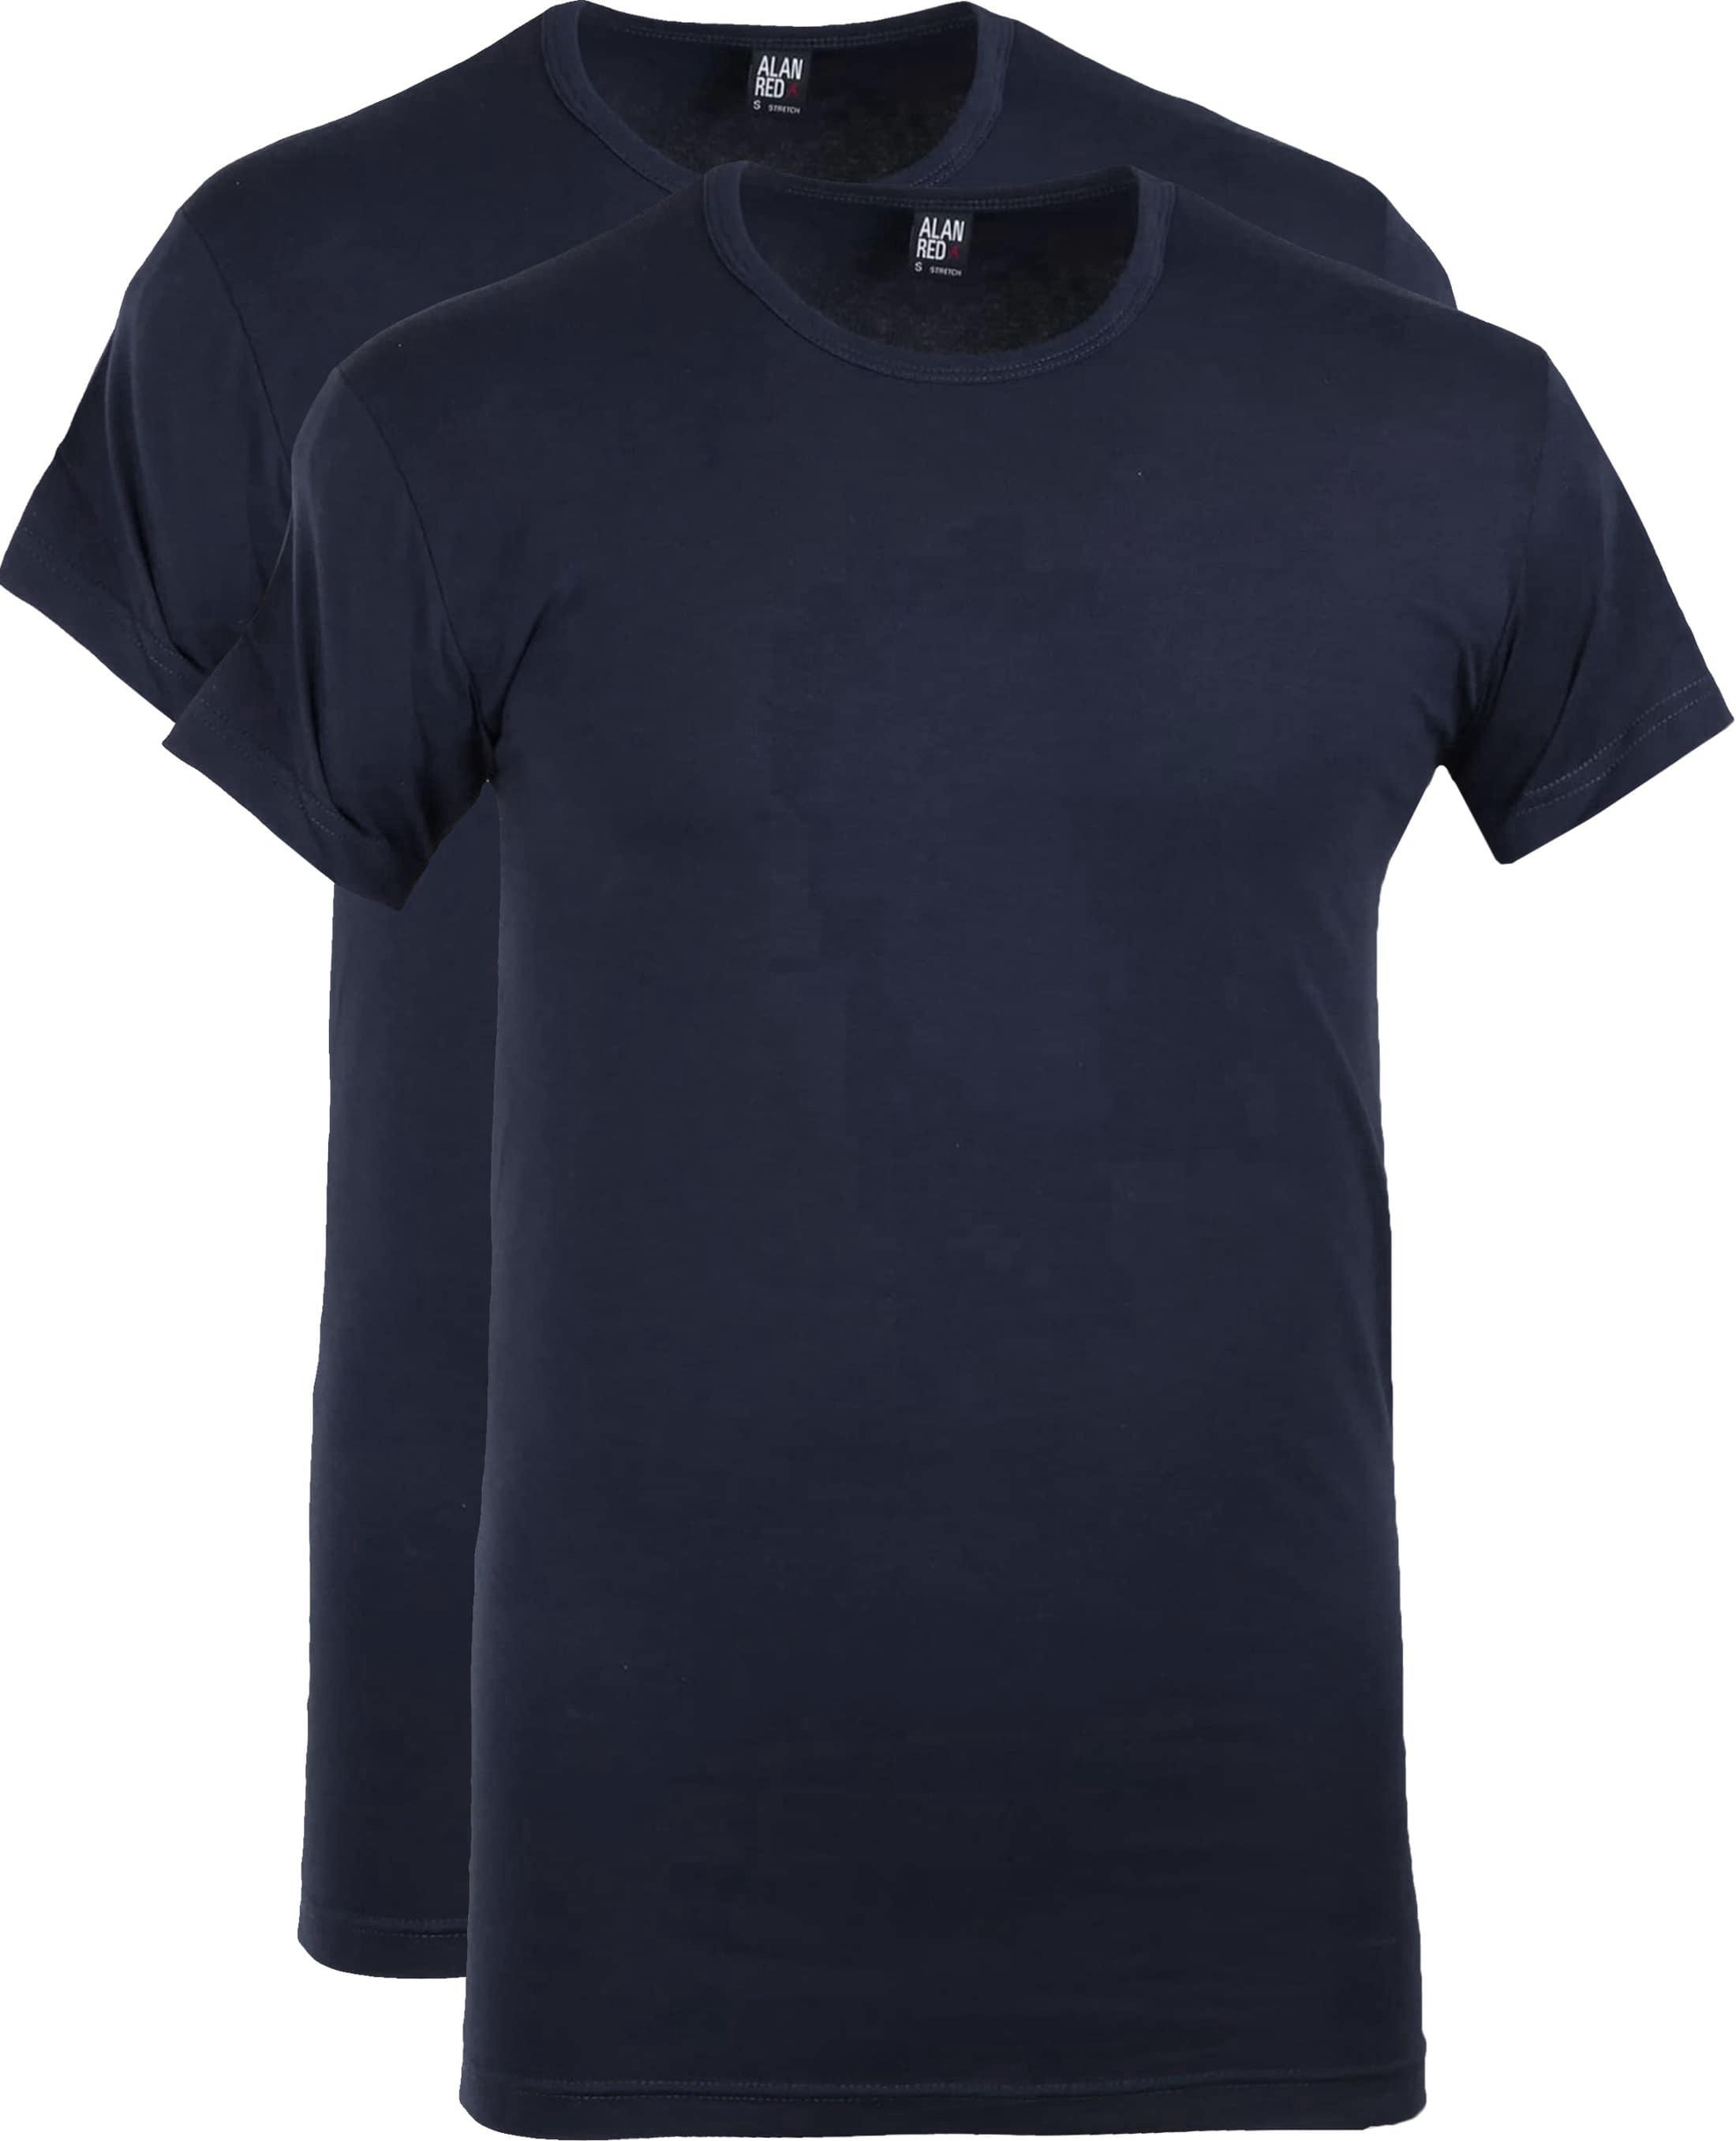 Alan Red Ottawa T-shirt Stretch Navy (2Pack)